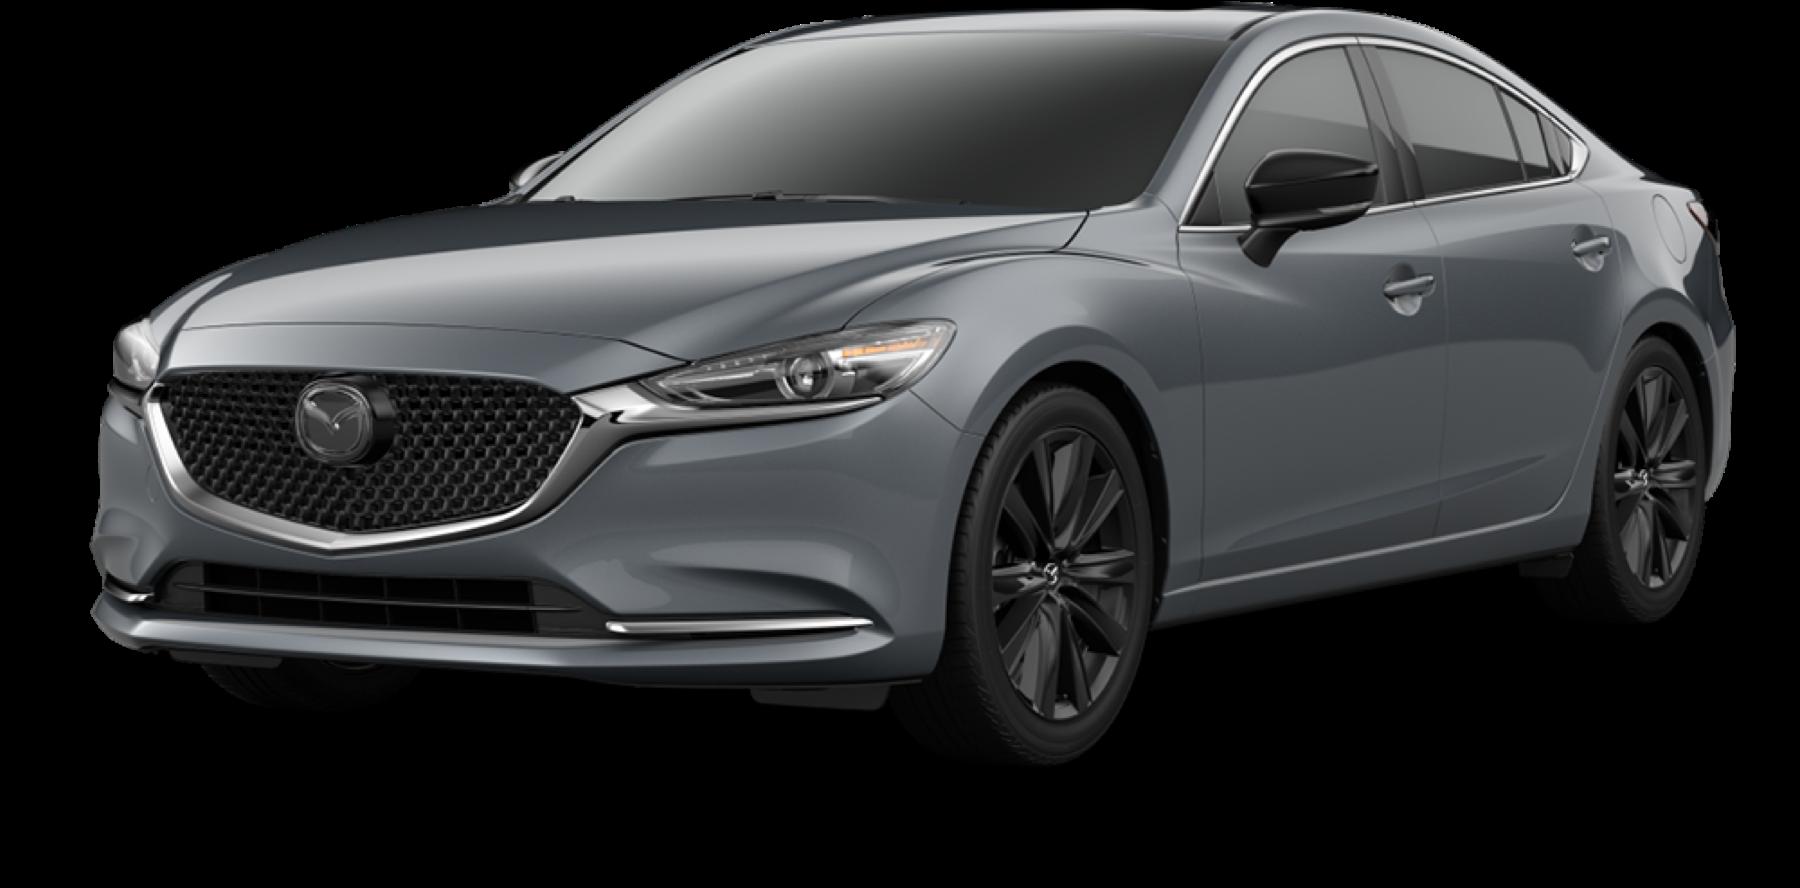 2021 Mazda6, Polymetal Gray